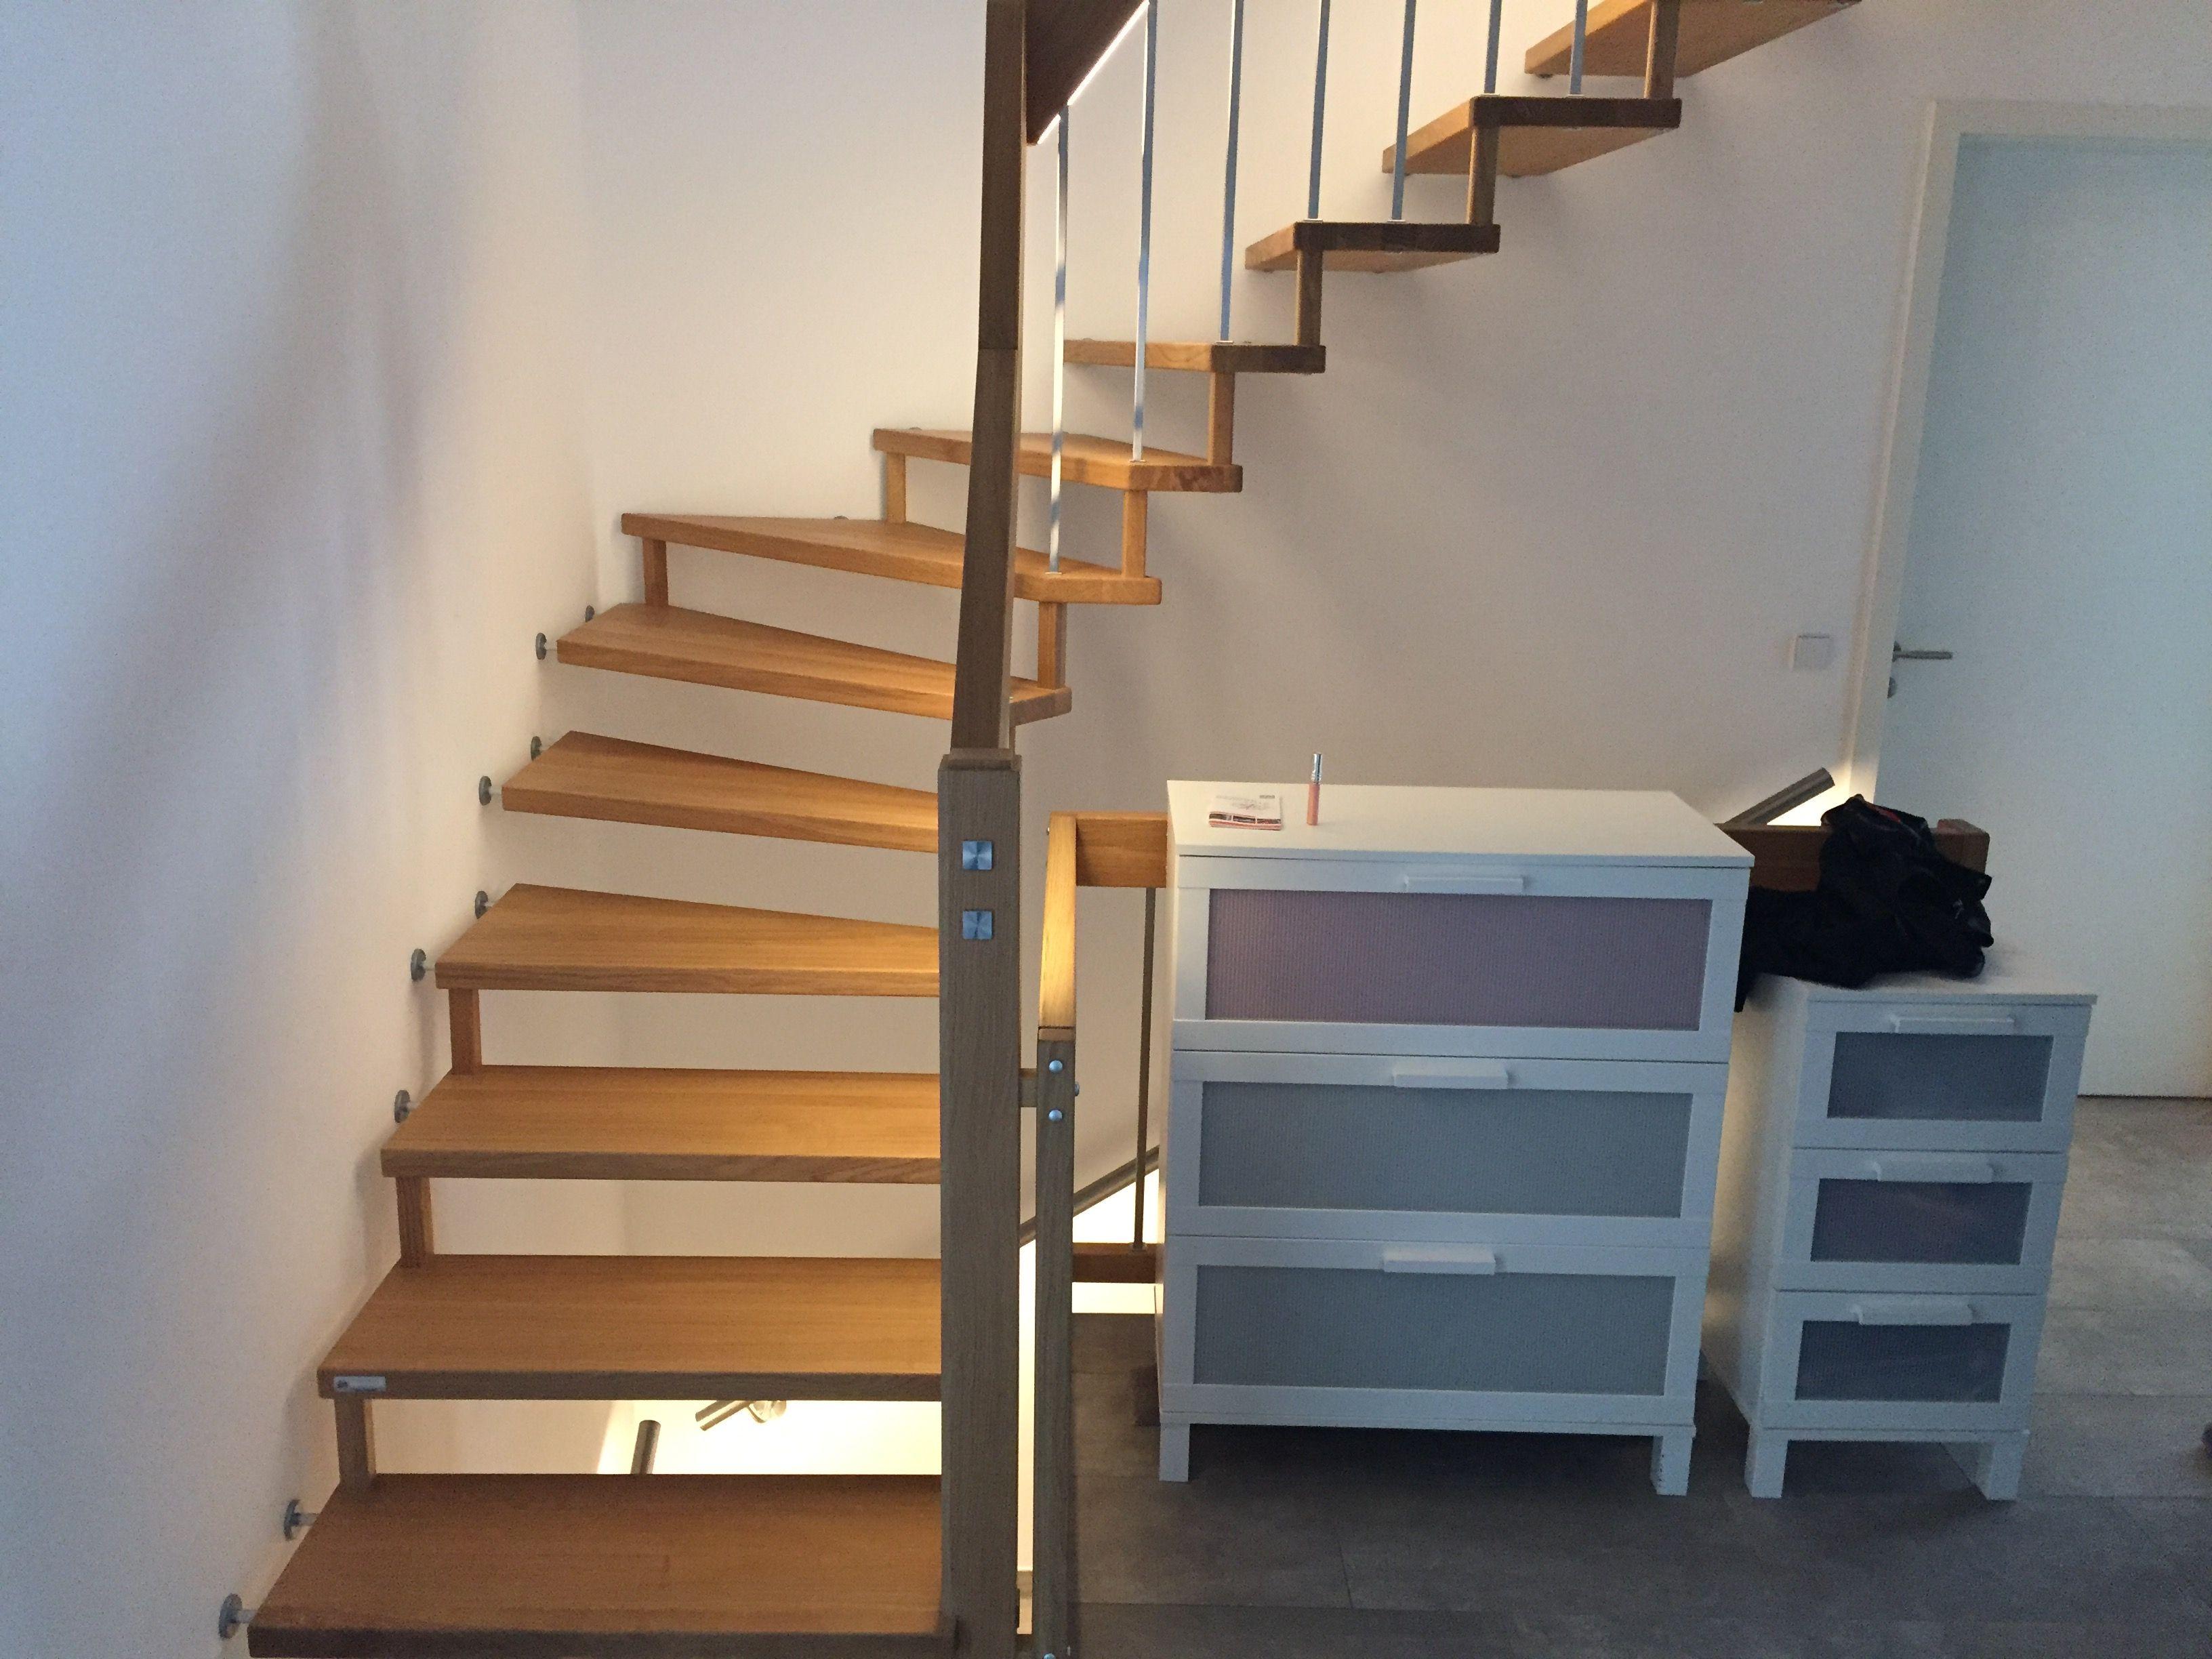 Treppen Bucher handlauftragende treppe im system bucher das original direkt